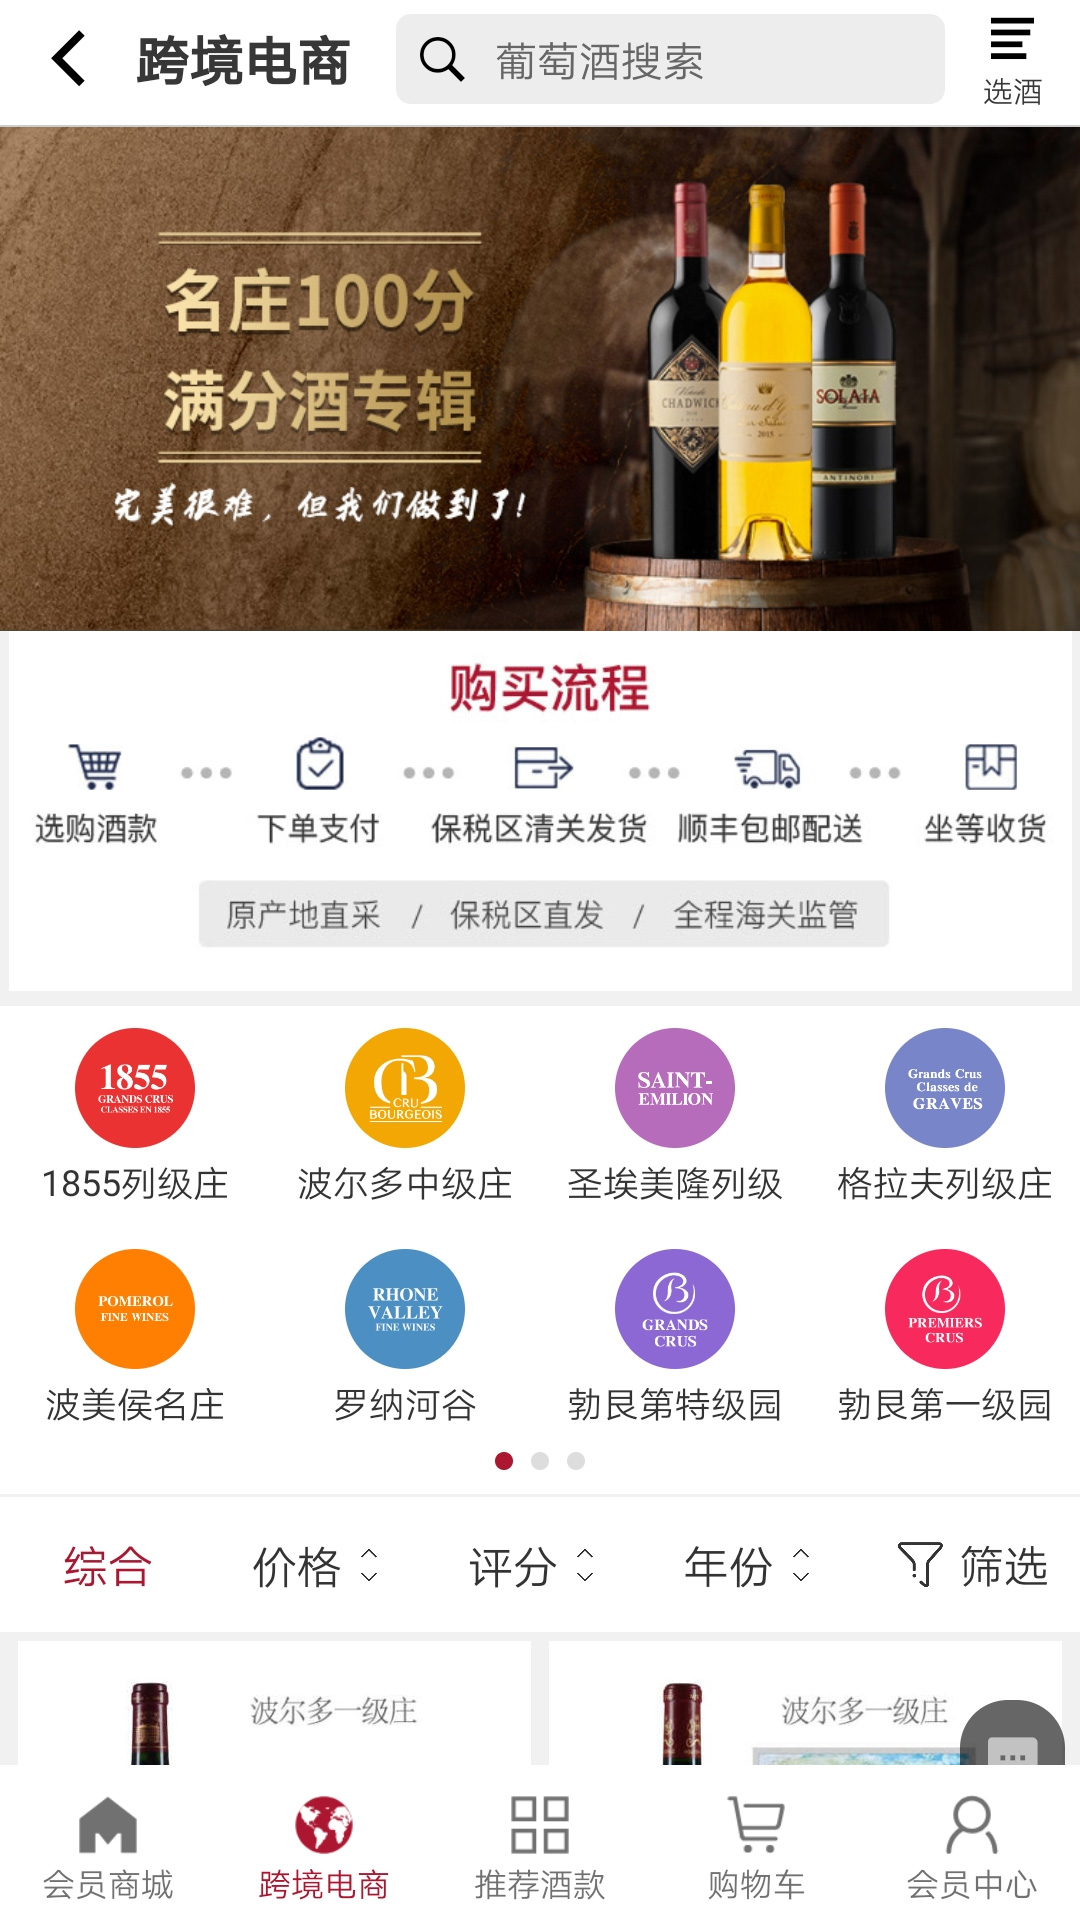 紅酒世界app截圖3